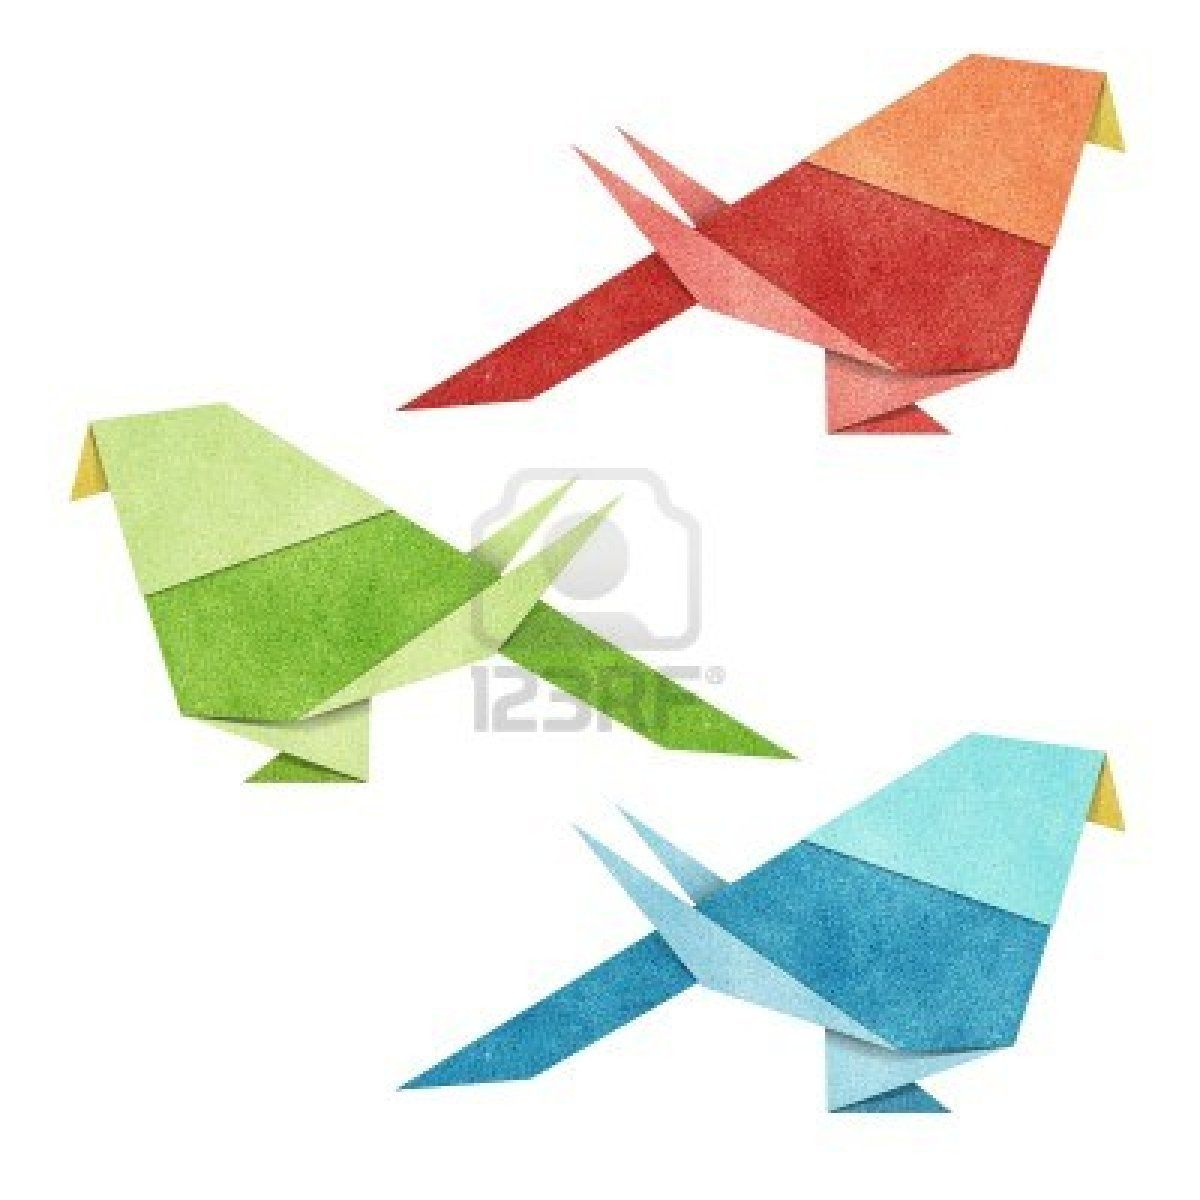 Pájaros de Origami con Papel Reciclado | Origami ... - photo#22